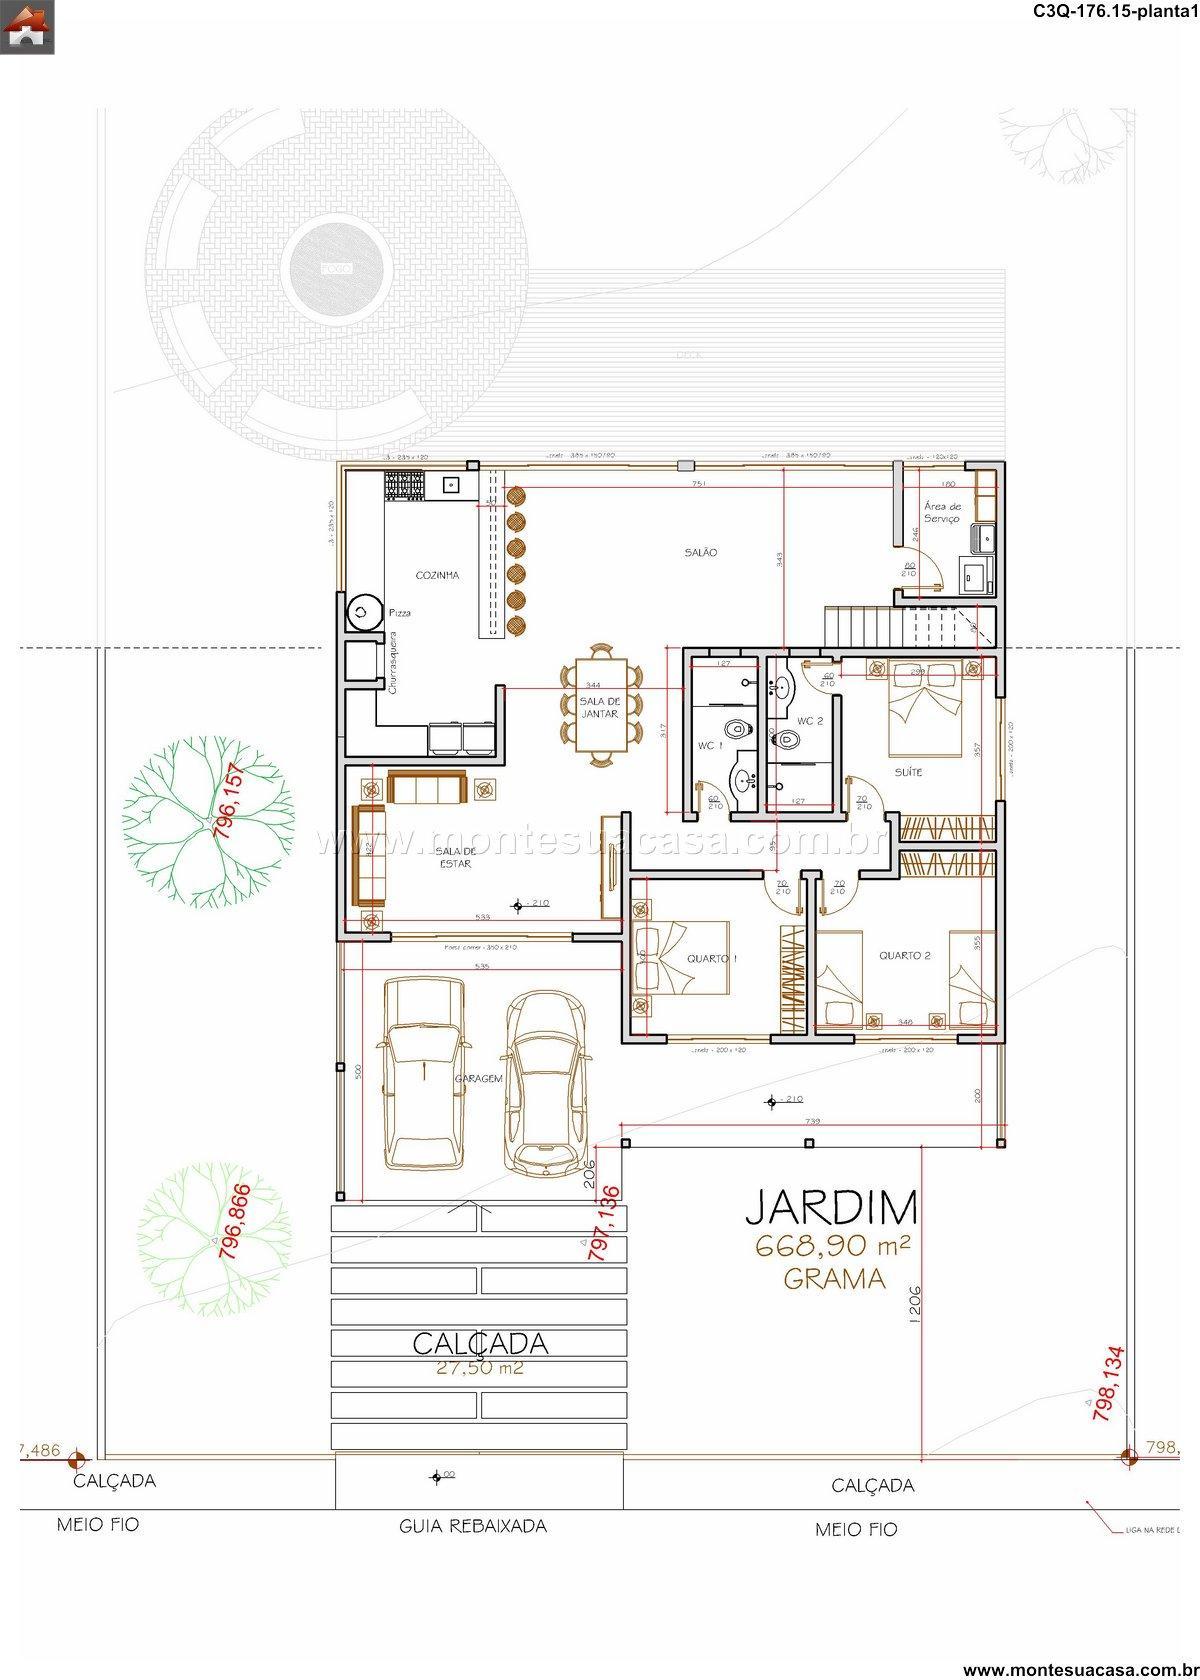 Casa 2 Quartos - 176.15m²